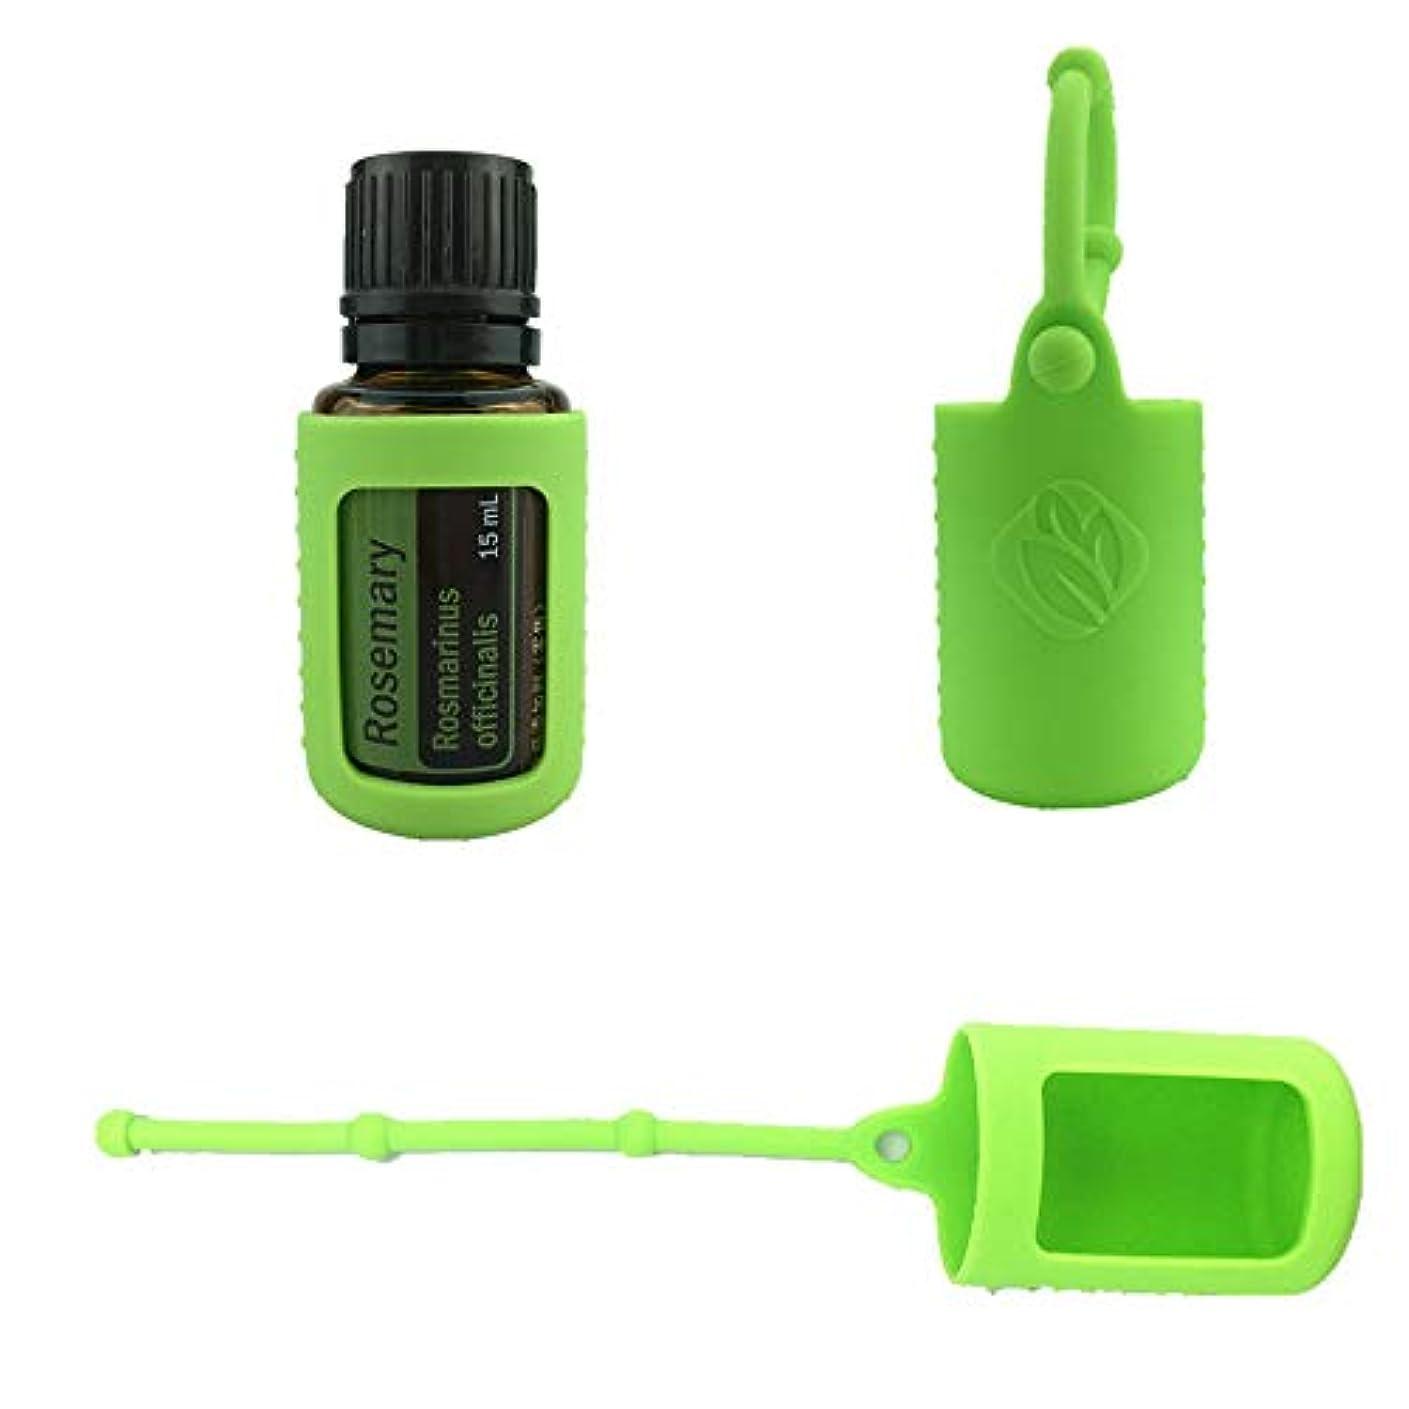 場合テラスカバレッジ6パック熱望オイルボトルシリコンローラーボトルホルダースリーブエッセンシャルオイルボトル保護カバーケースハングロープ - グリーン - 6-pcs 15ml